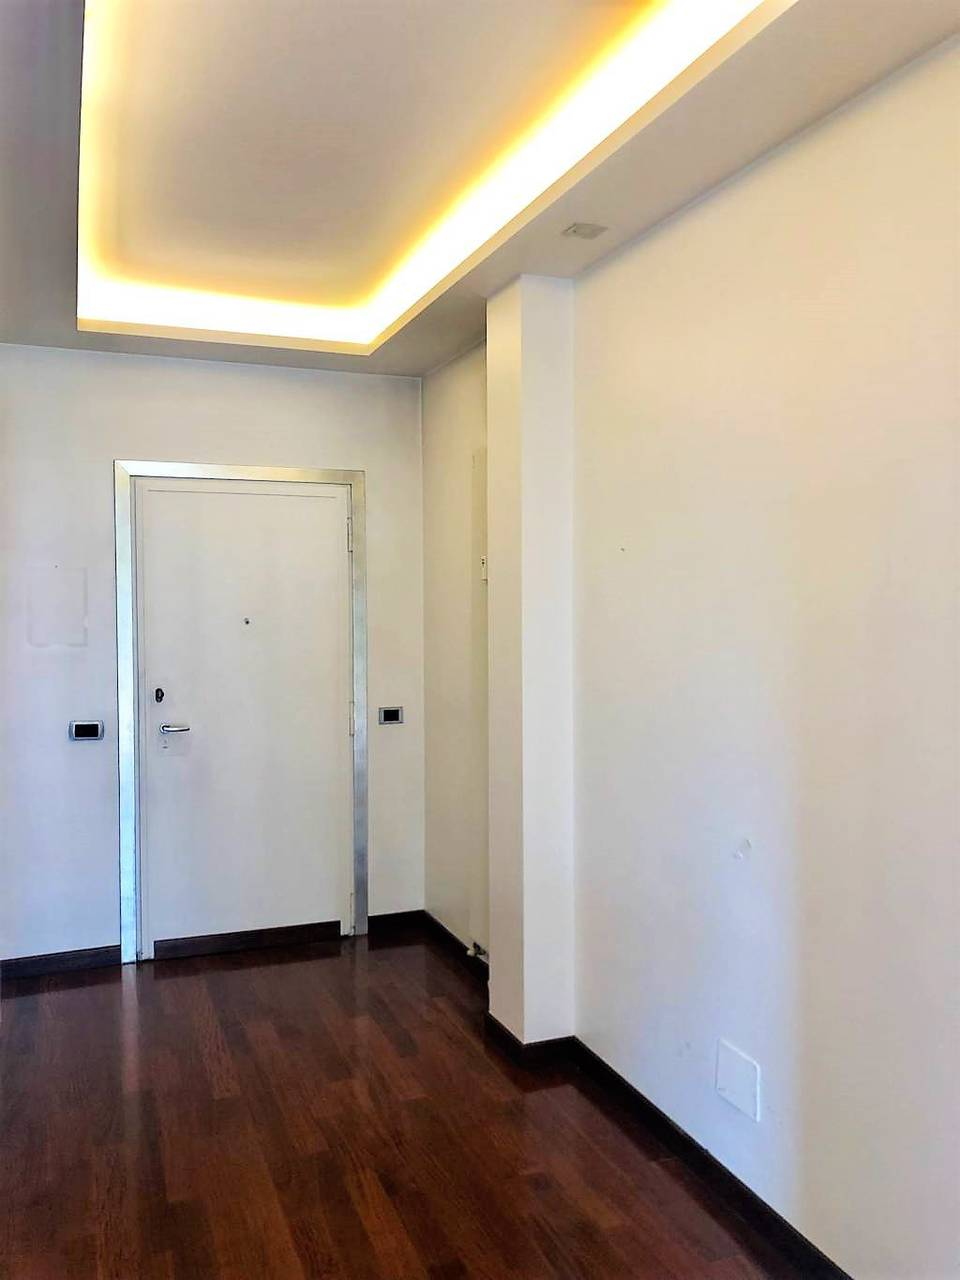 Appartamento-4-locali-Vimercate-in-vendita-10